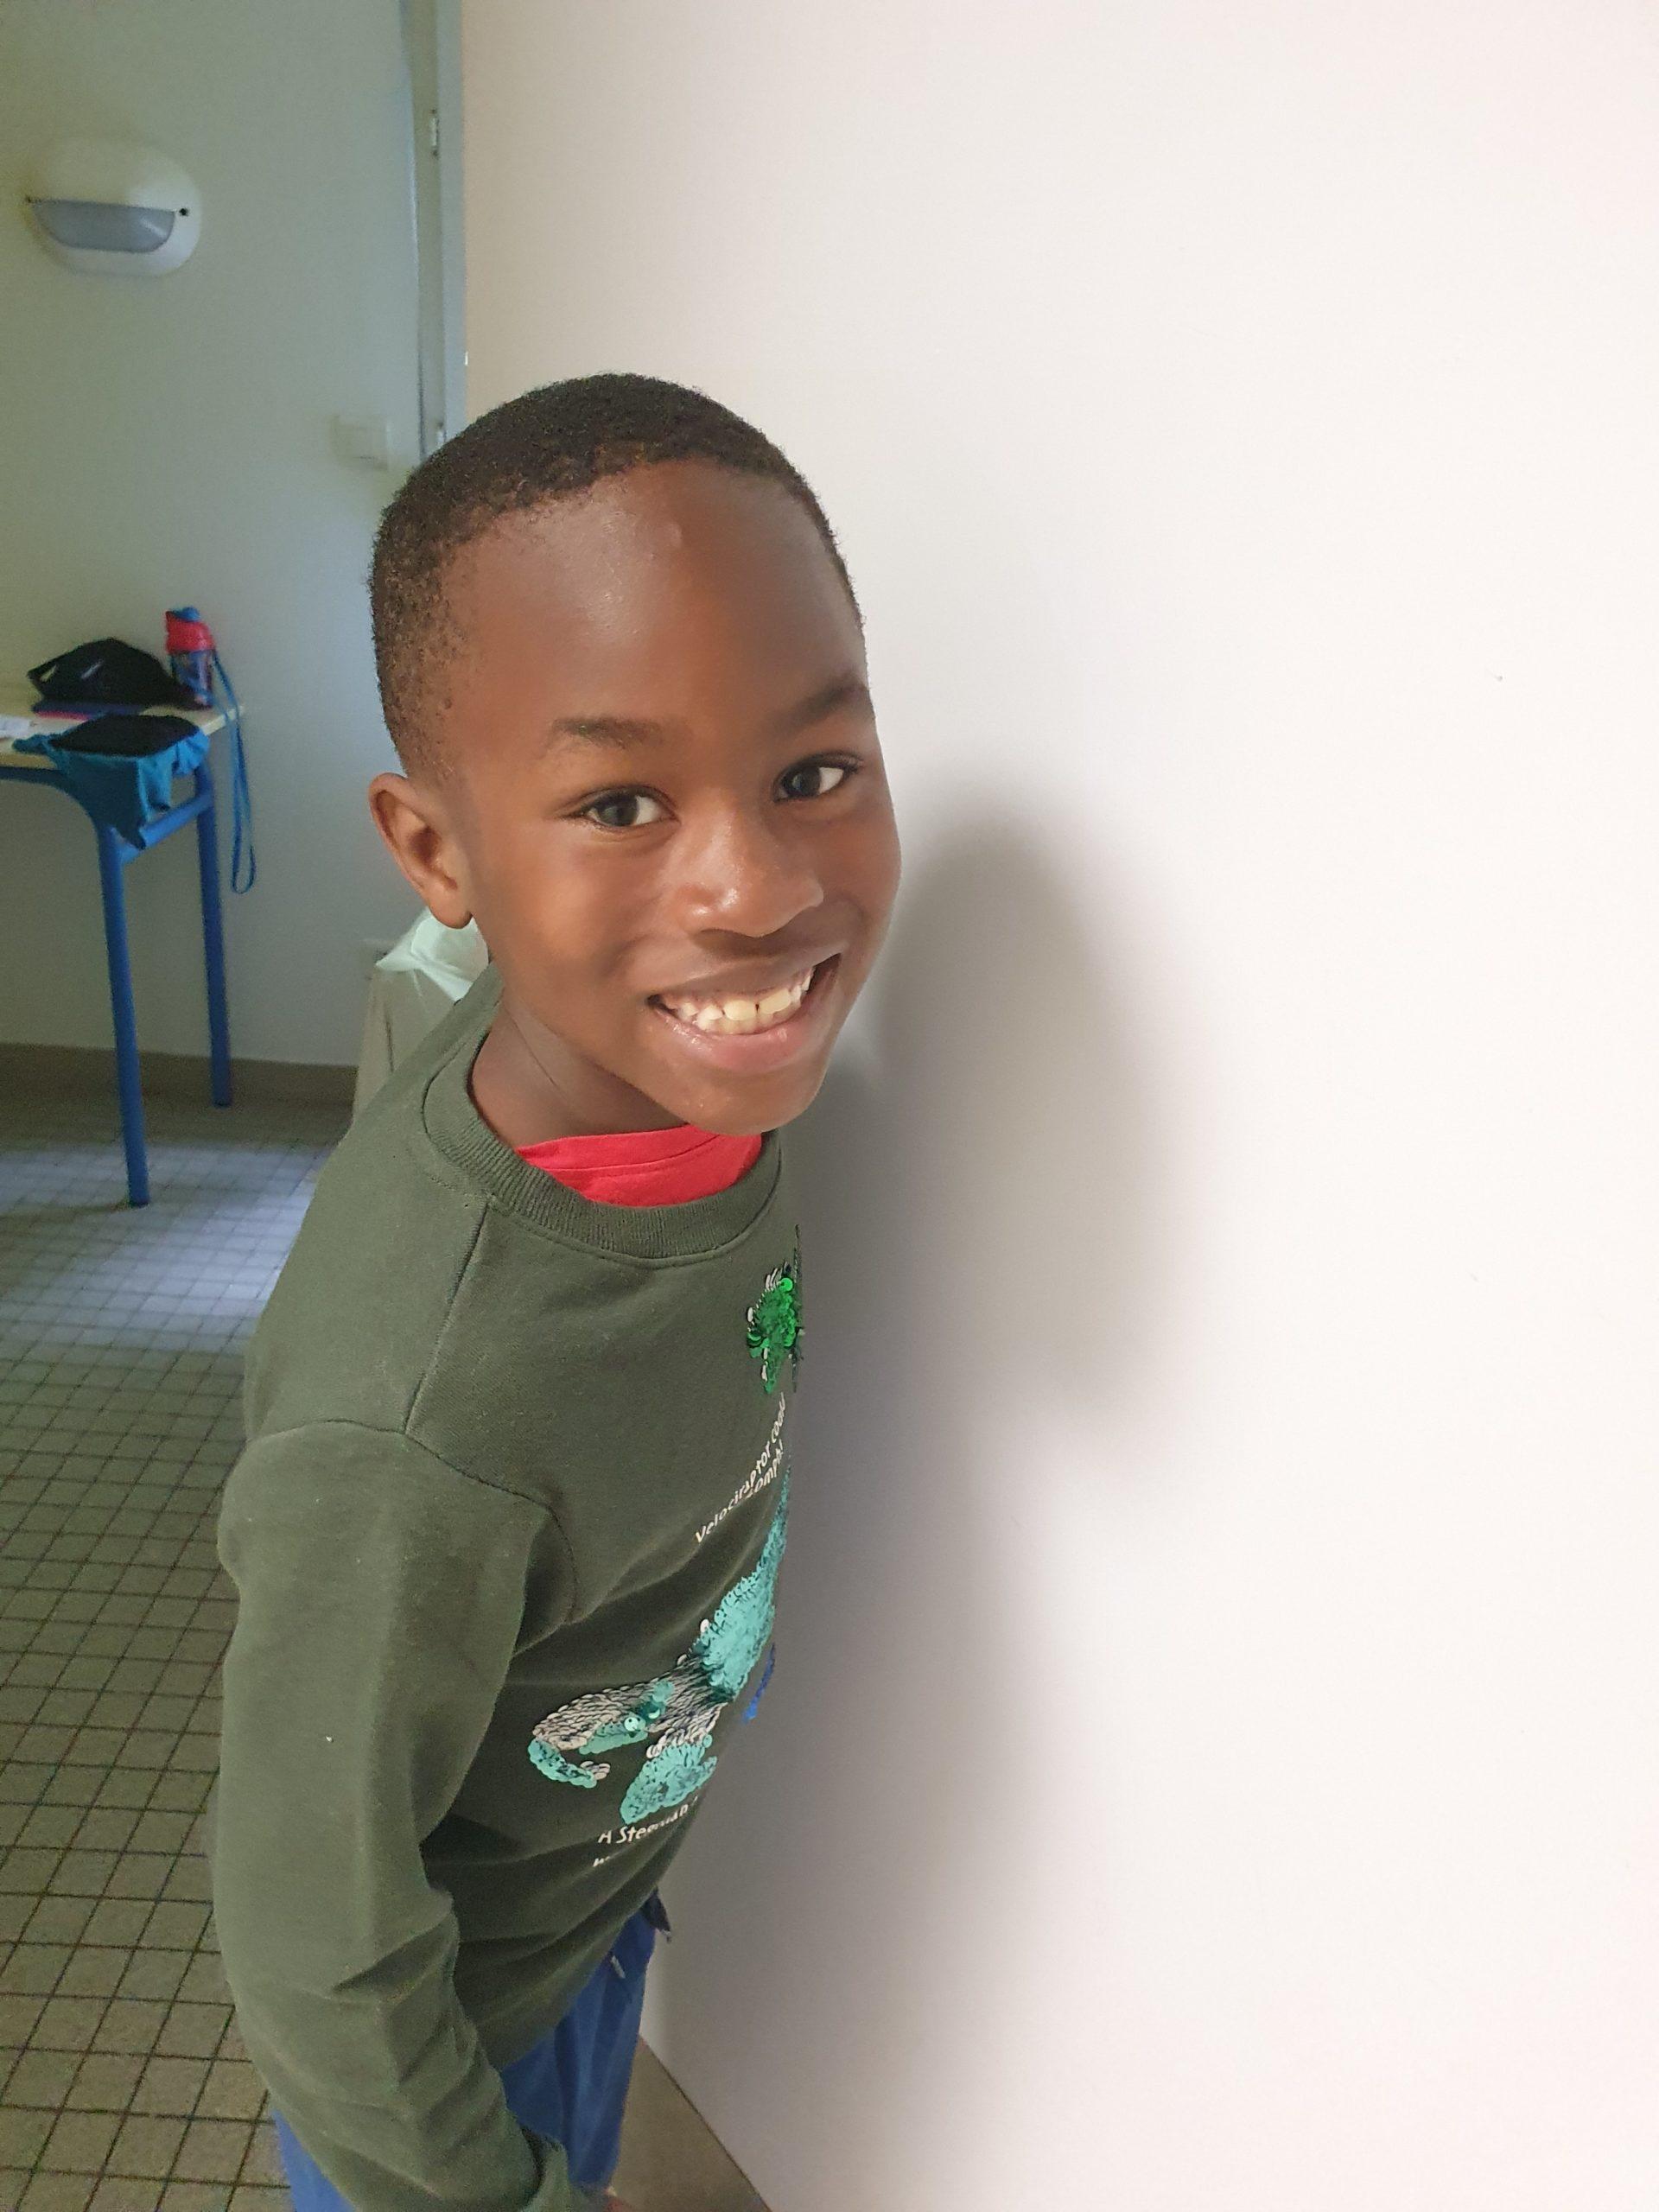 Un garçon souriant